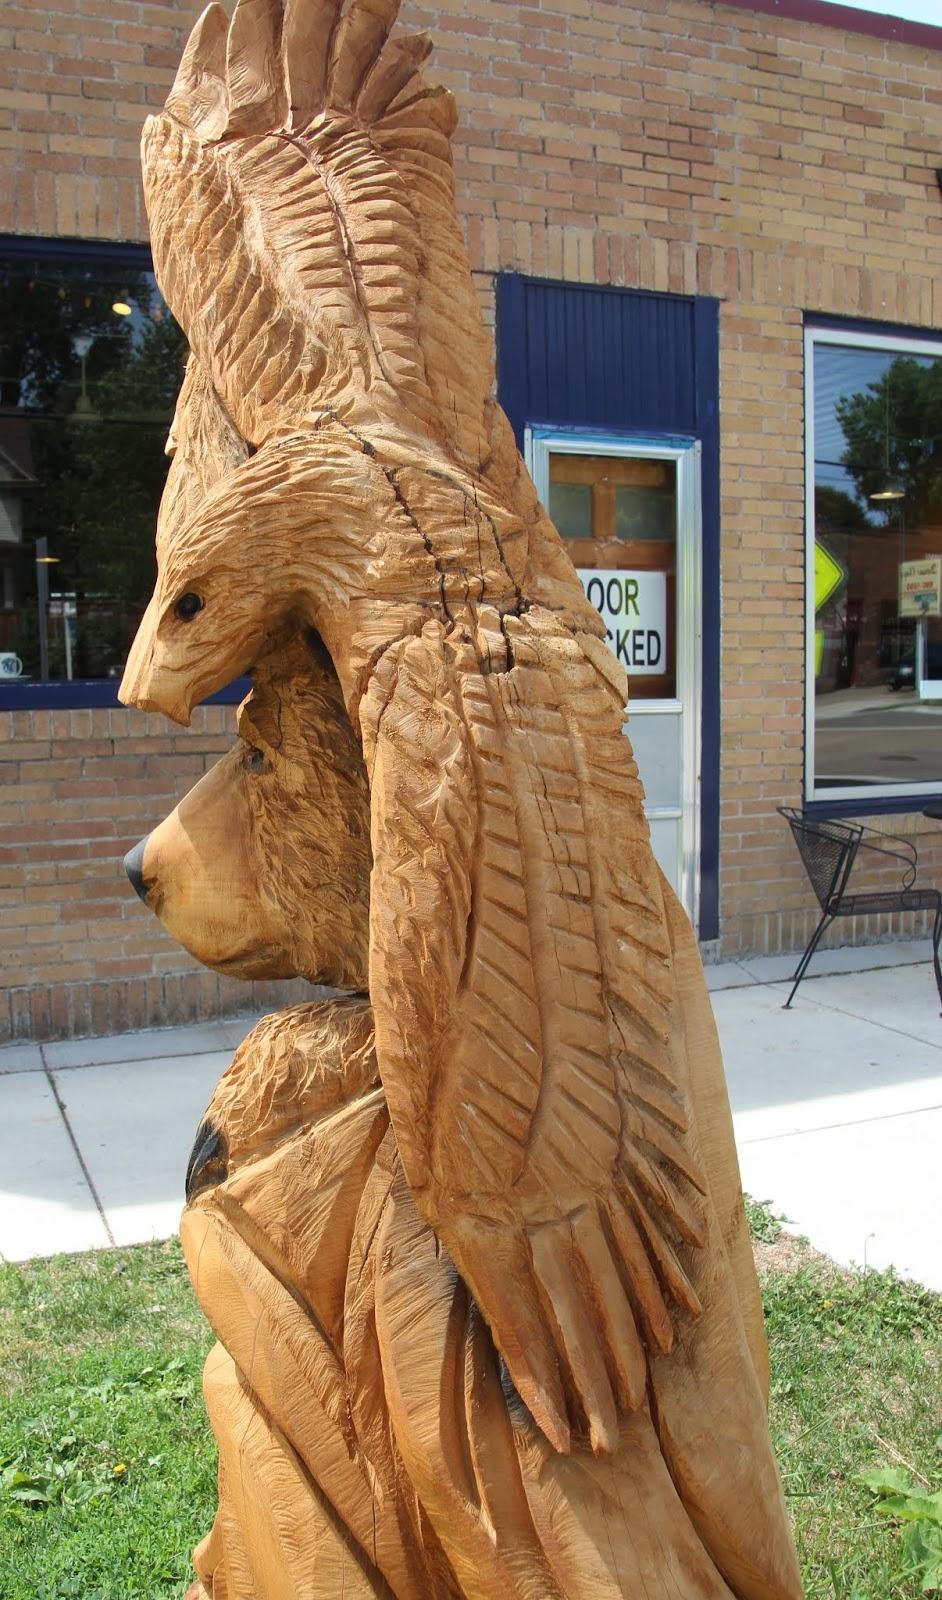 Visual saint paul: a wood carving